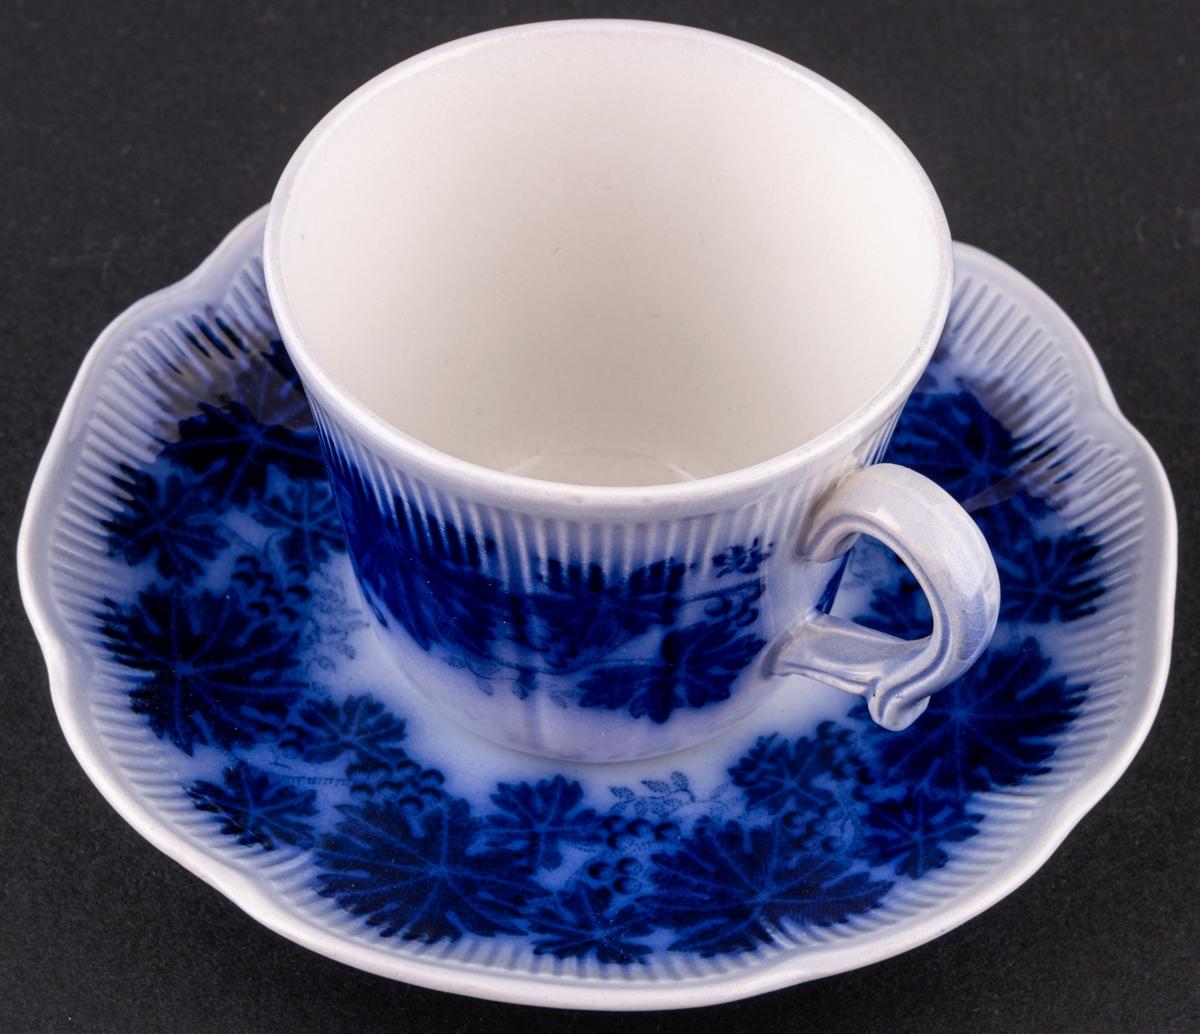 Kaffekopp med fat, modell AO i dekoren flytande blå Vinranka. Vinlövskrans runt kopp och fat, koppen är räfflad upptill och fatet har räfflor runt det något vågiga brättet.